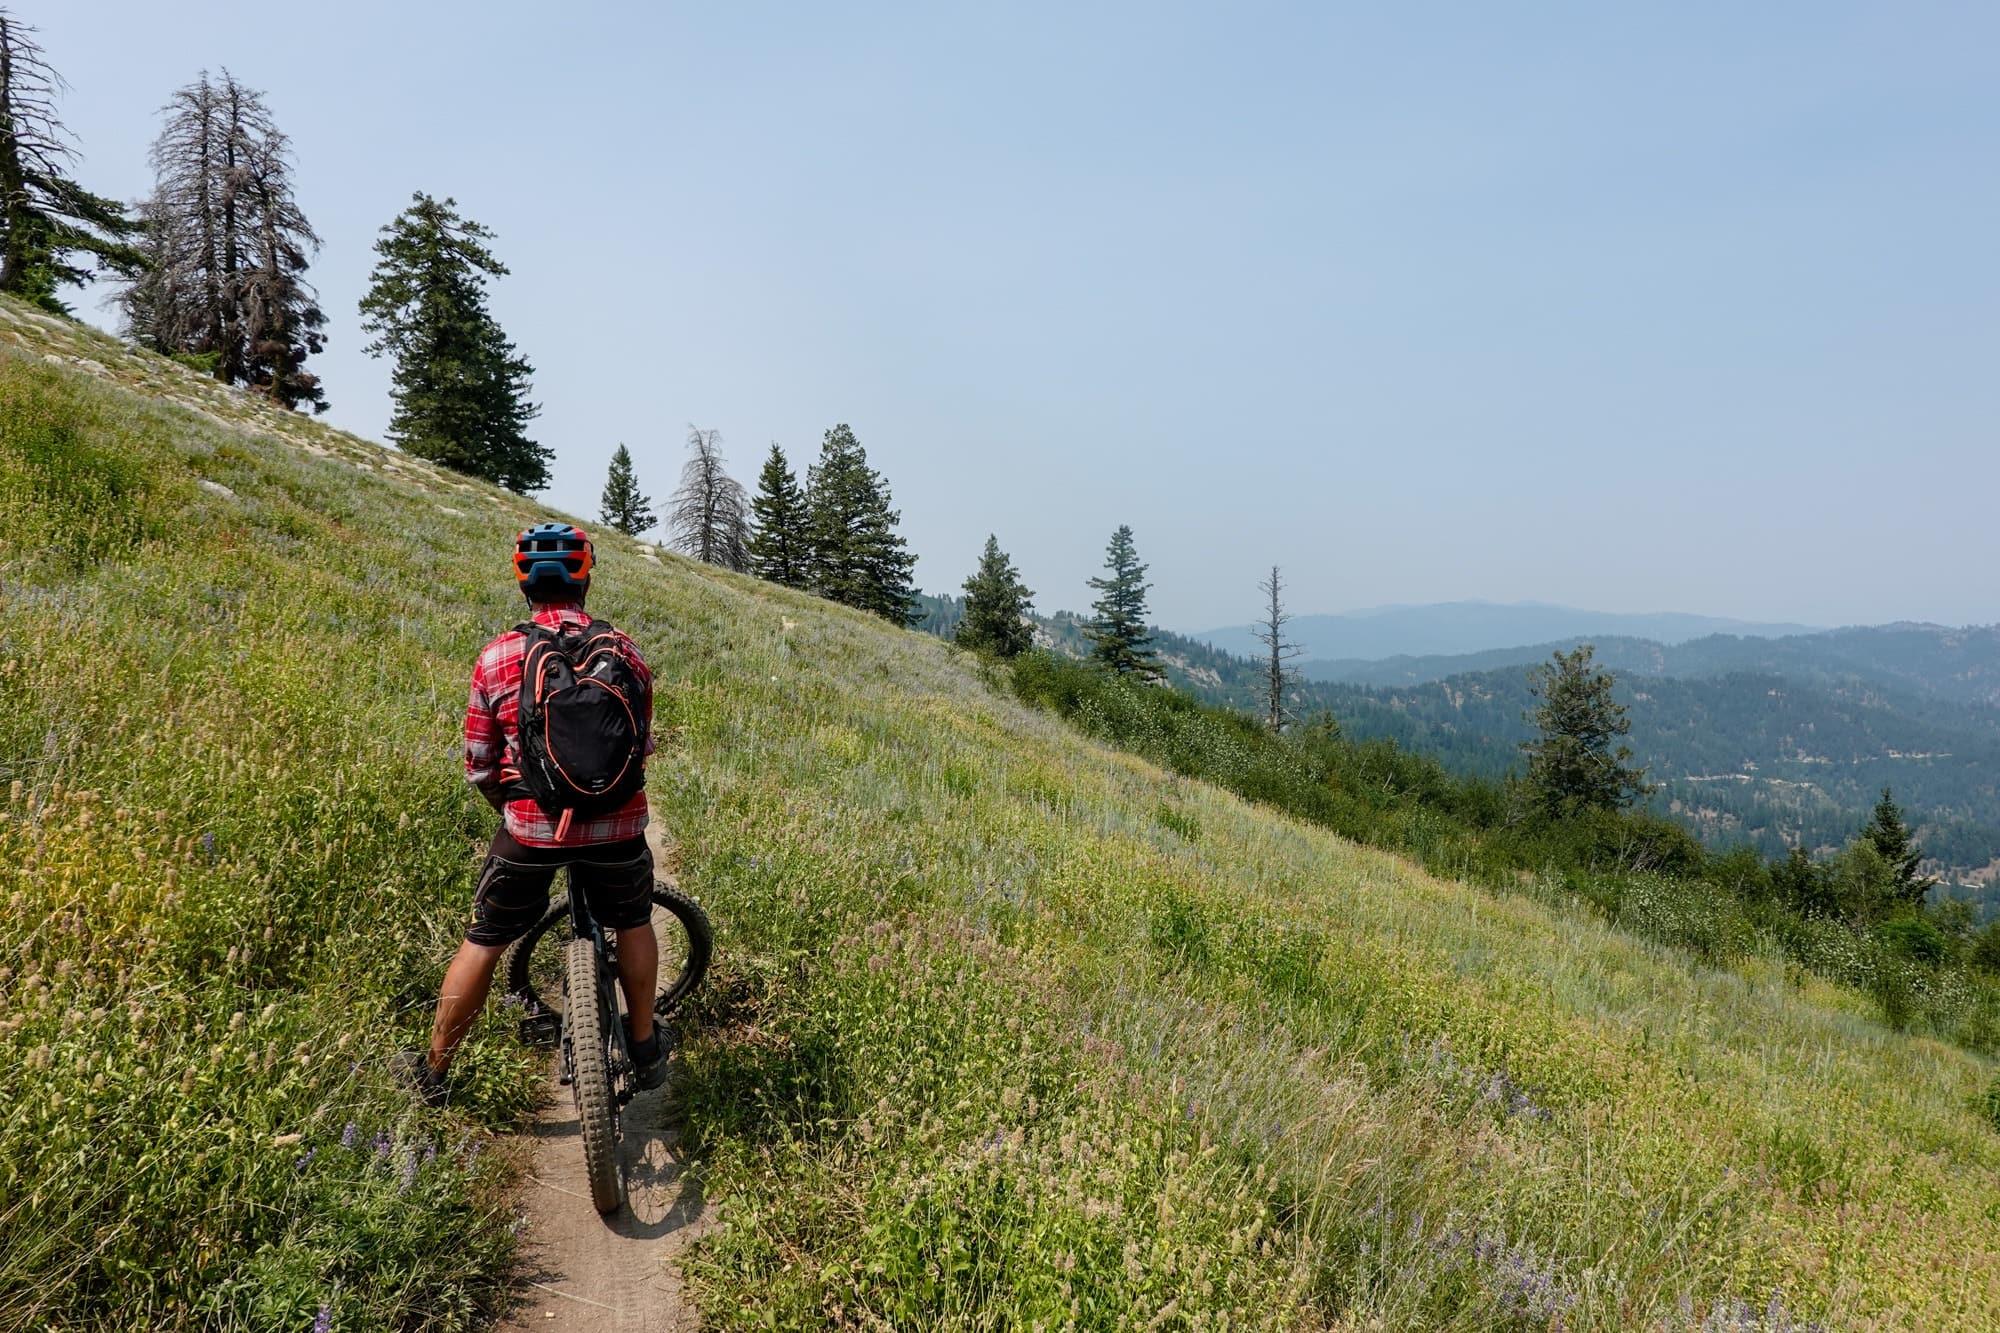 Biking at Bogus Basin Mountain in Boise Idaho